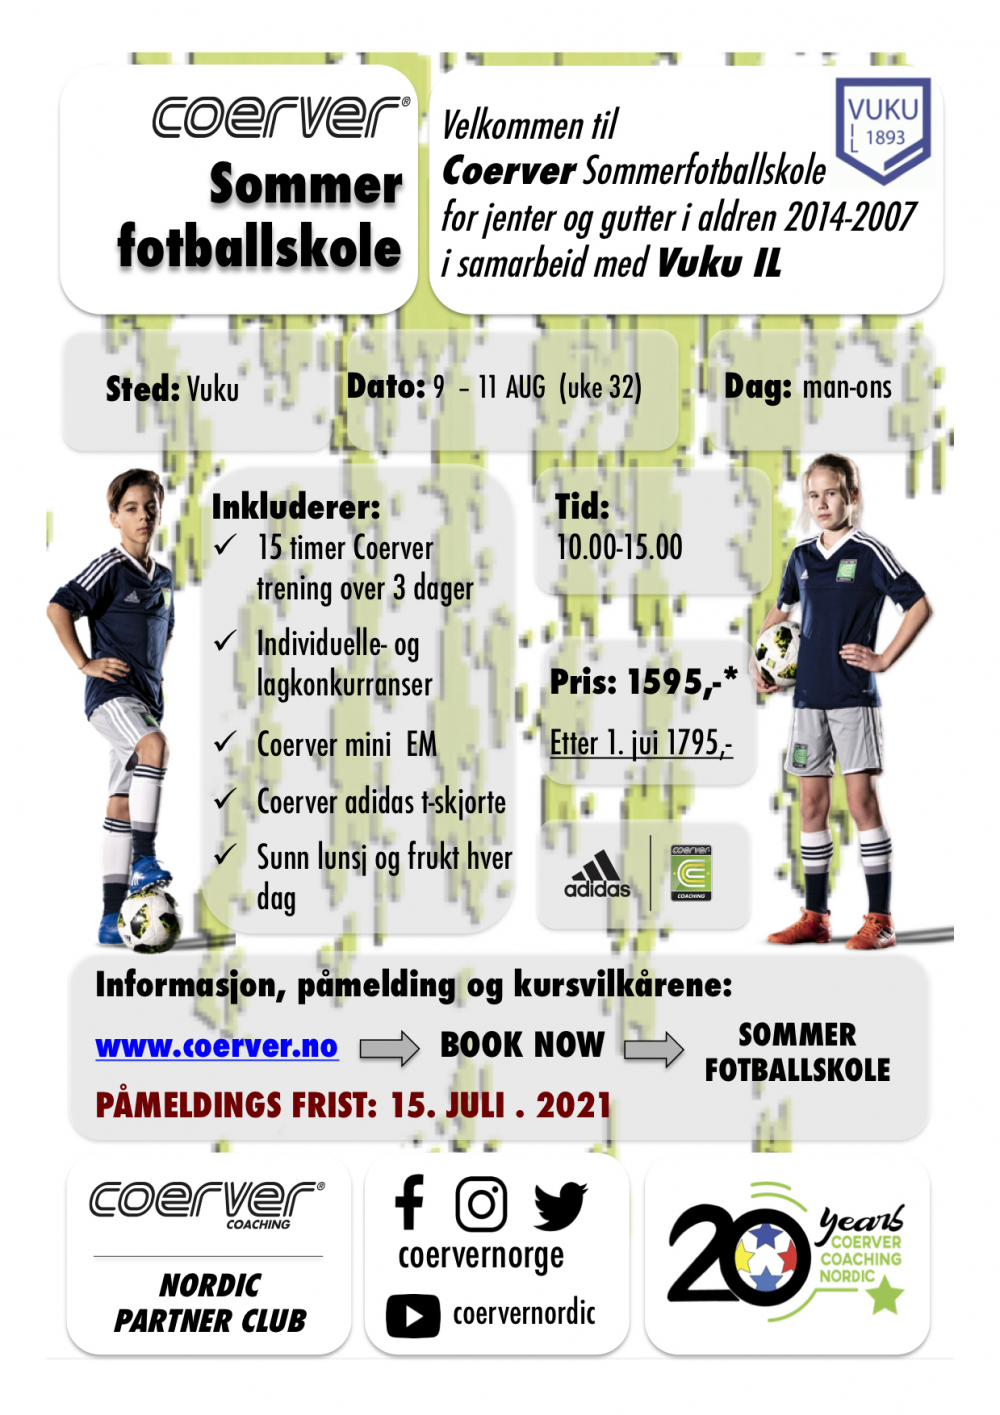 Coerver Sommerfotballskole 2021 hos Vuku IL (UKE 32) 2007-2014